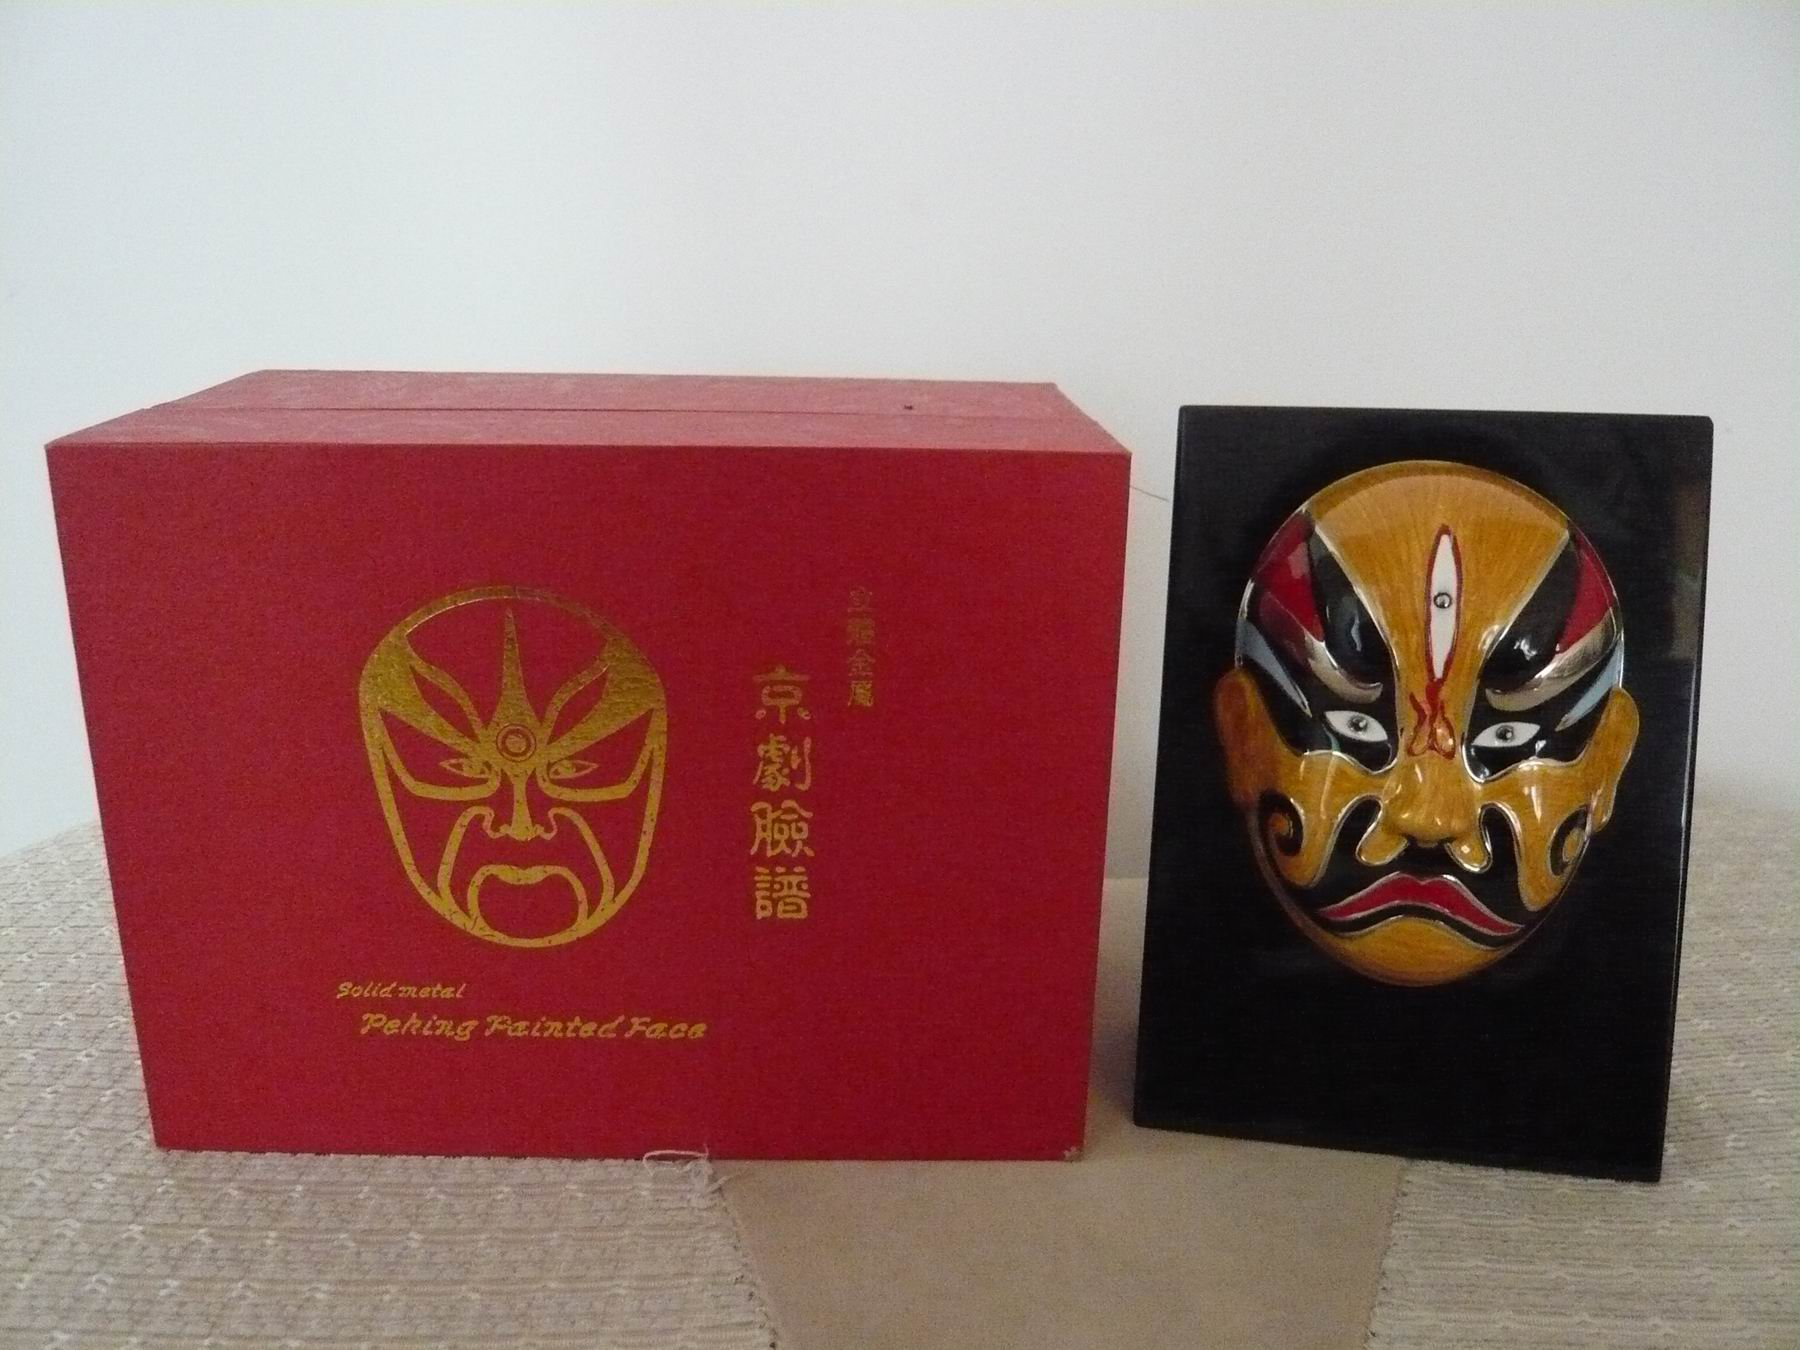 家居摆饰,京剧脸谱,a4纸的一半大小吧,颜色鲜亮,有包装盒 全新 30米图片